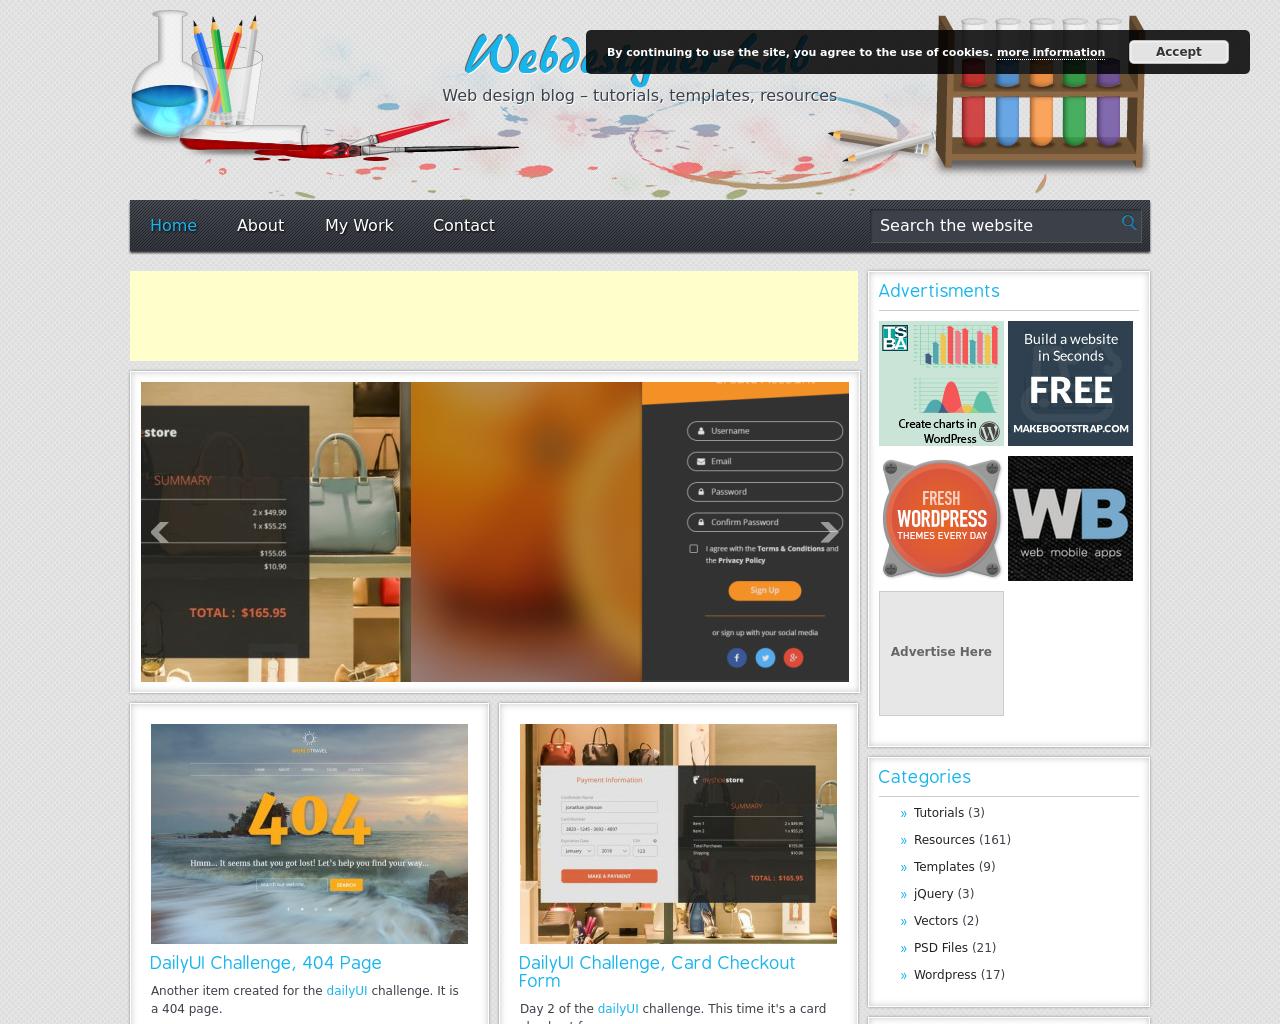 Webdesigner-Lab-Advertising-Reviews-Pricing